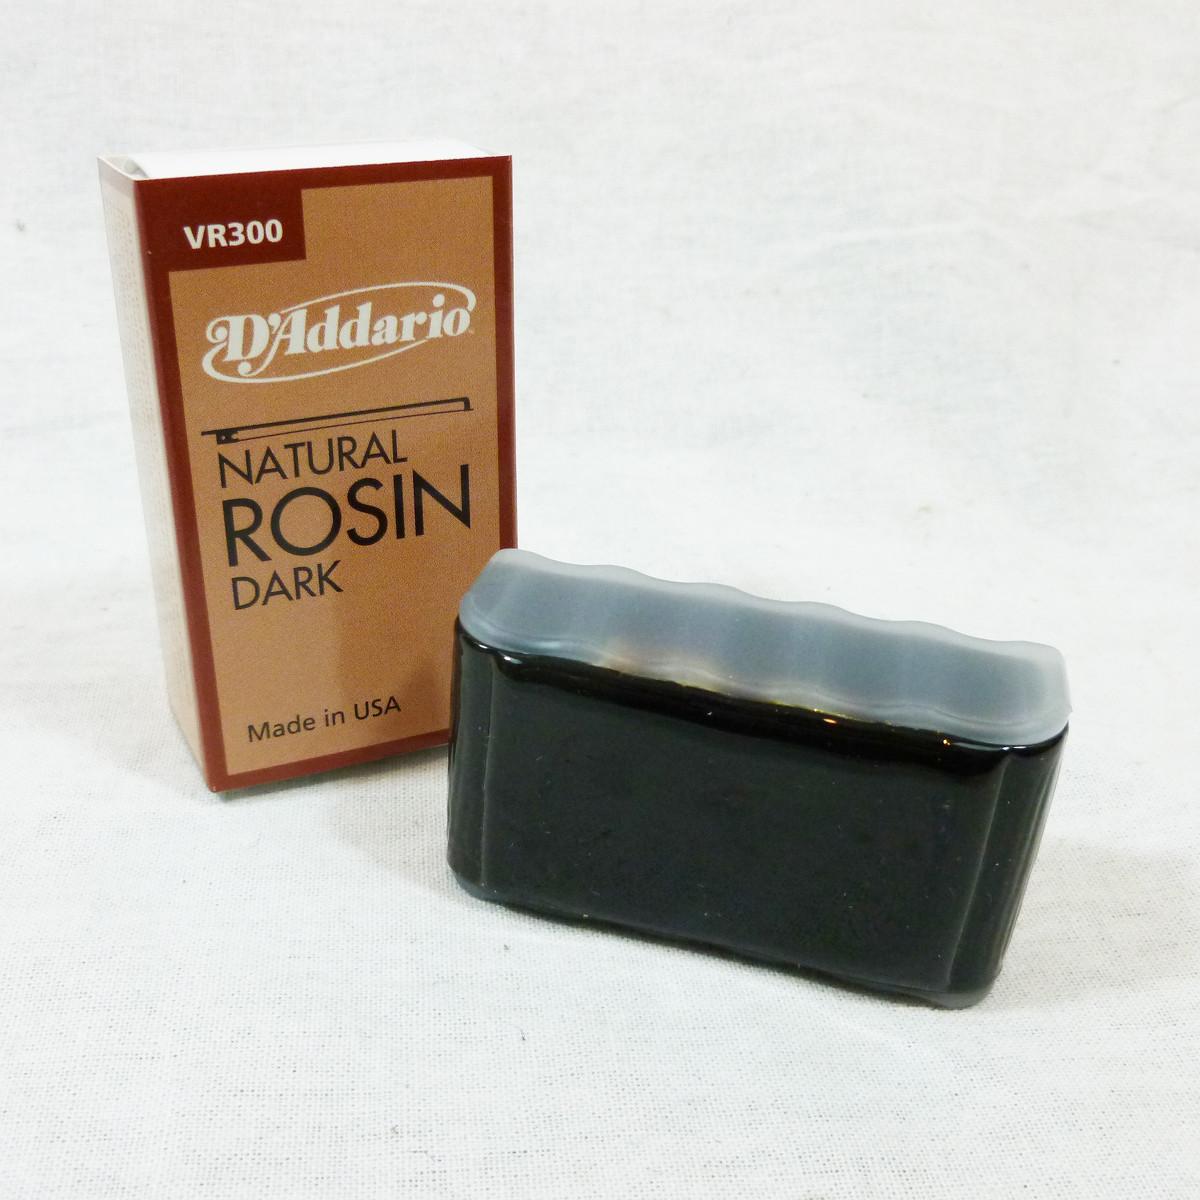 D'Addario Natural Dark Rosin